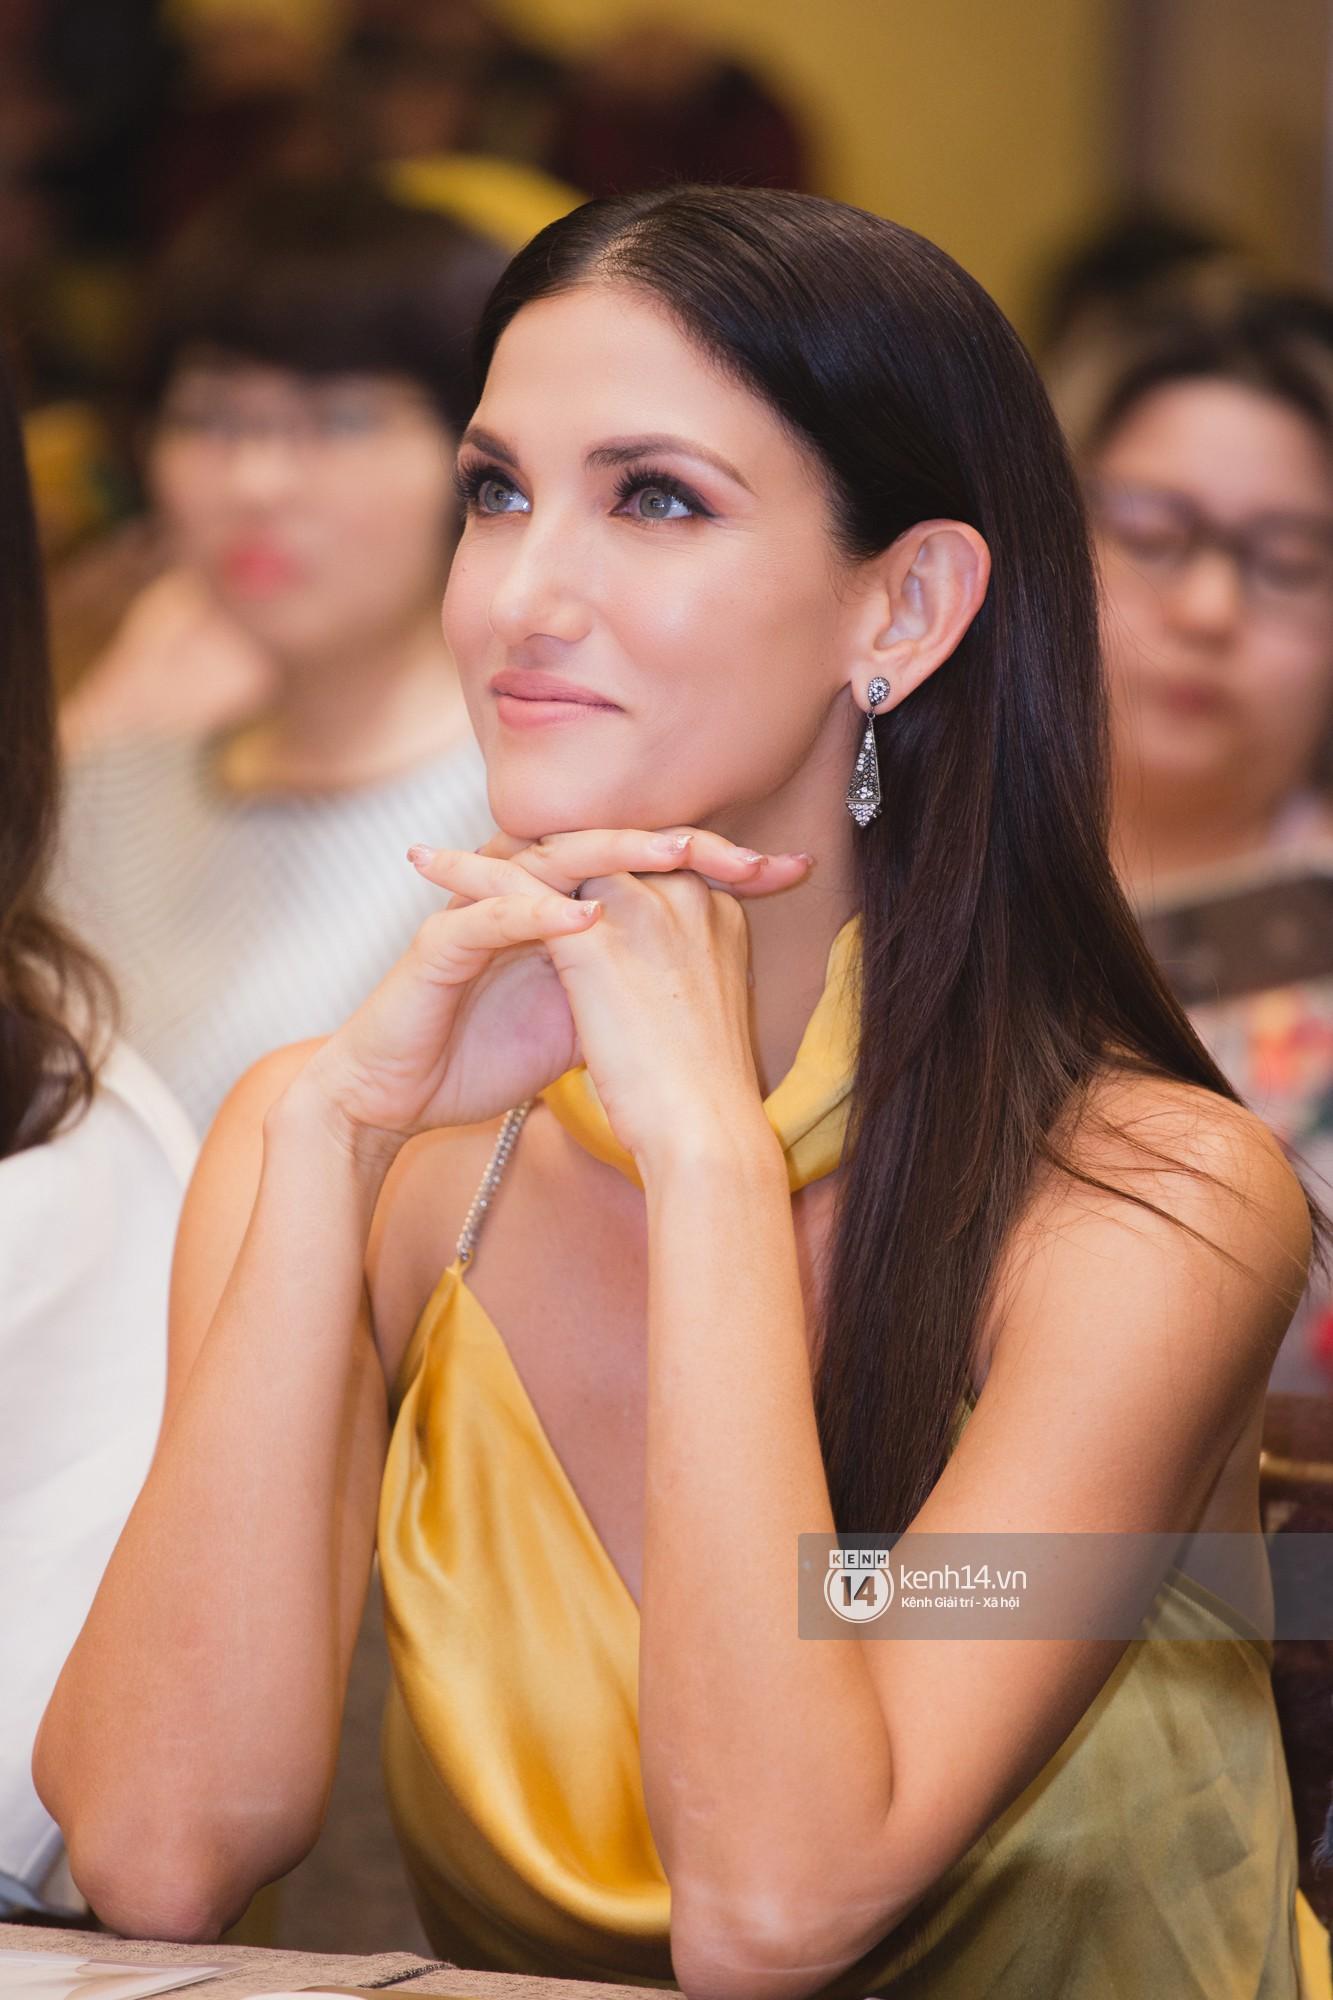 Chị Đại của Next Top châu Á - Cindy Bishop ghi hình show thực tế cùng Hồ Ngọc Hà, Hương Giang - Ảnh 4.